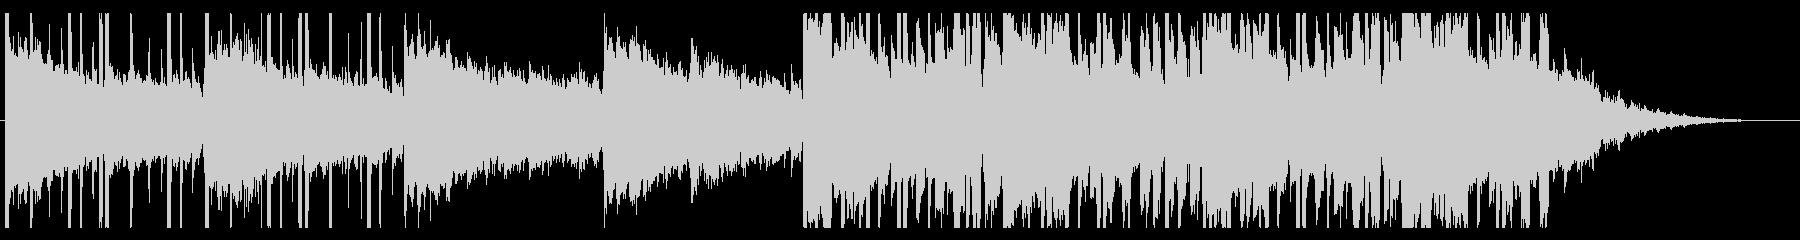 雨/ほのぼの/R&B_No381_2の未再生の波形